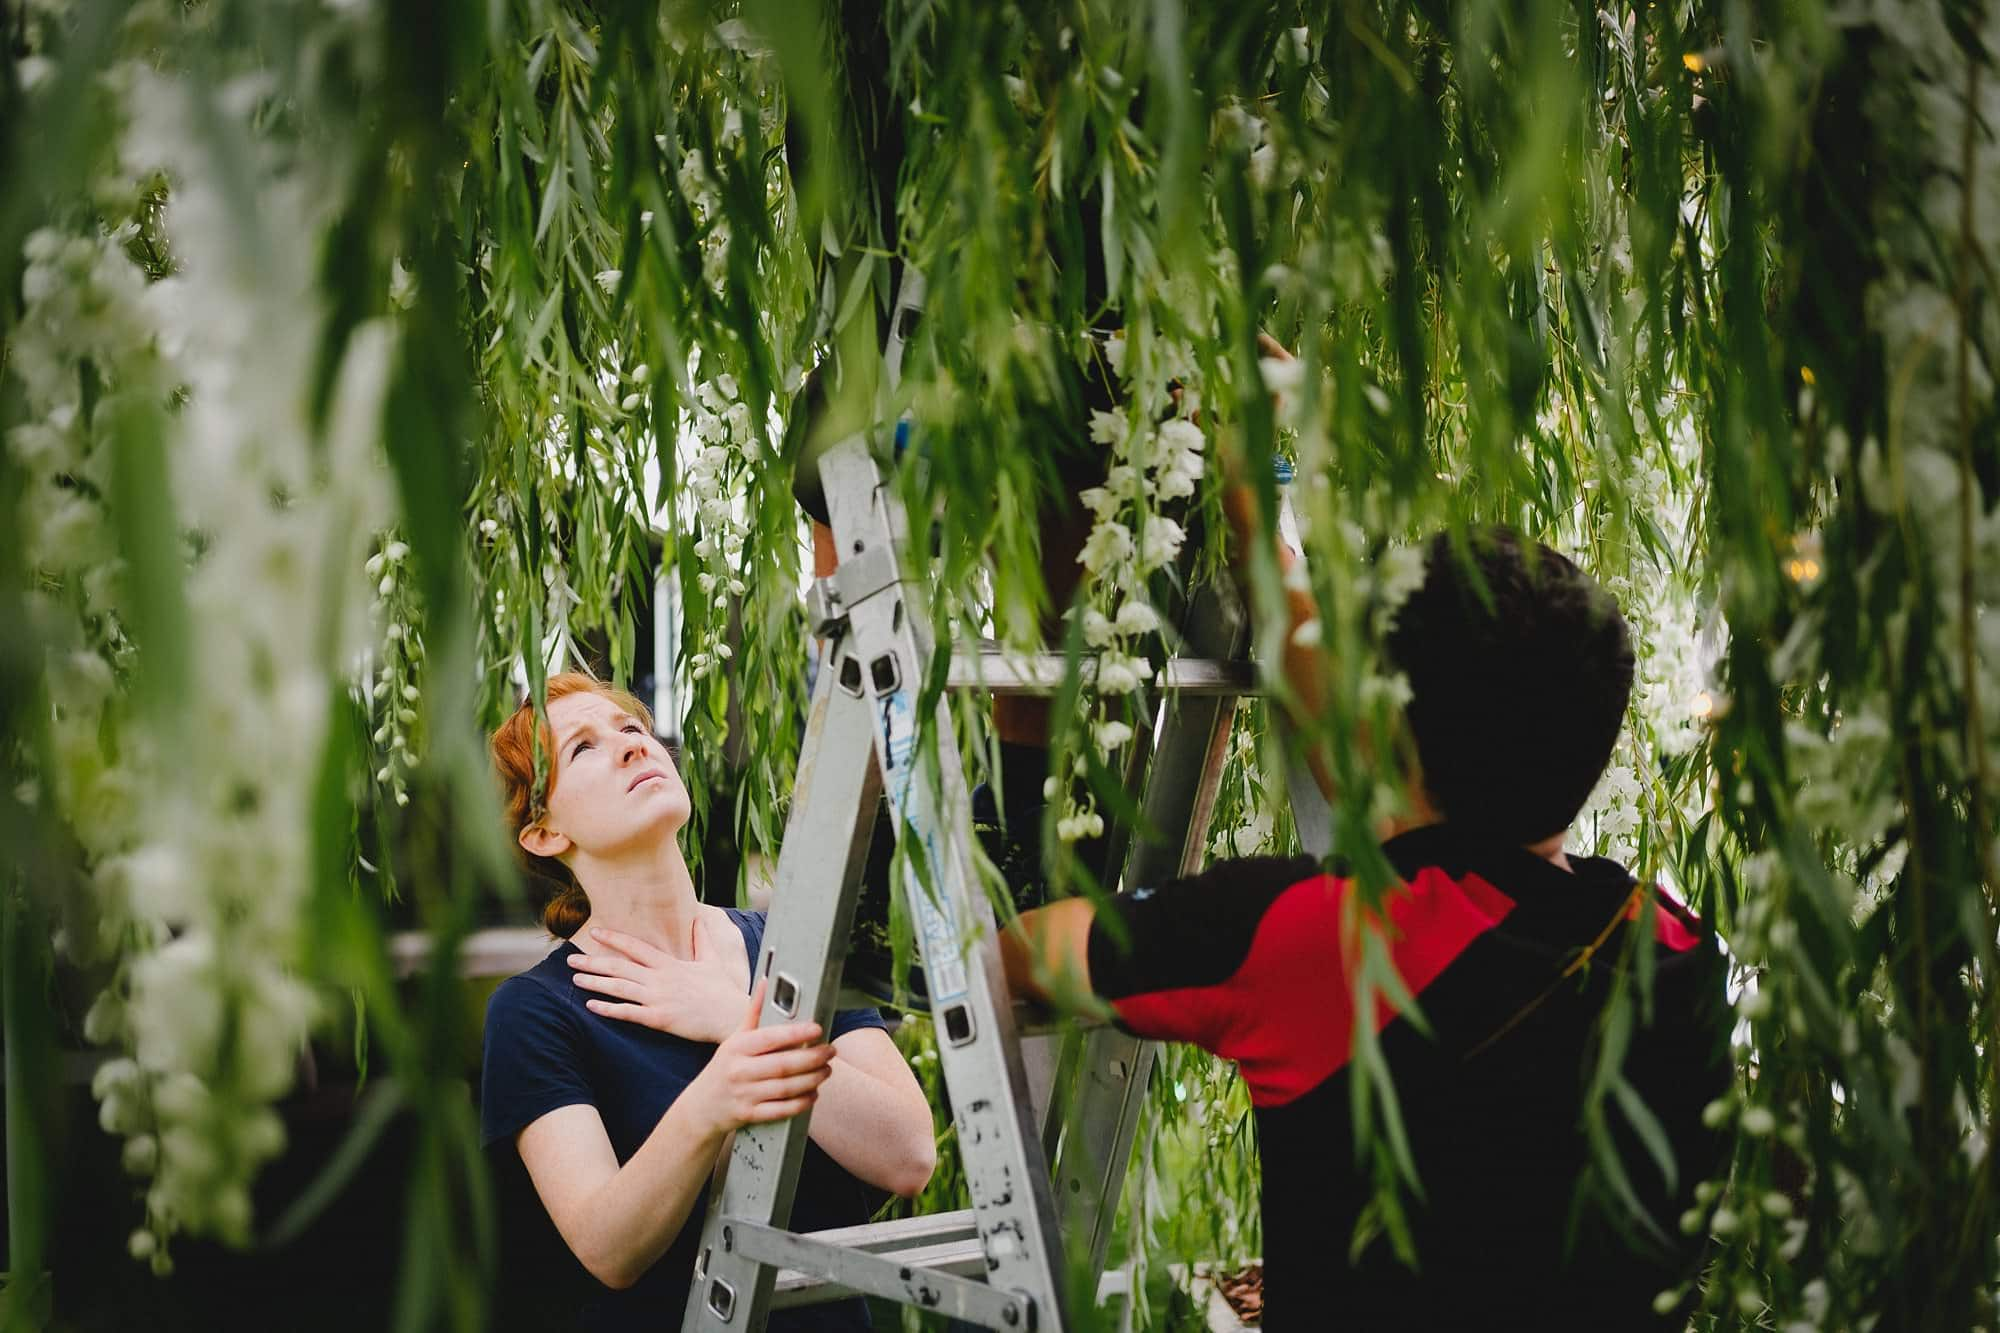 ashtead london wedding photographer 002 - Rachel & Jonny's Ashtead Wedding